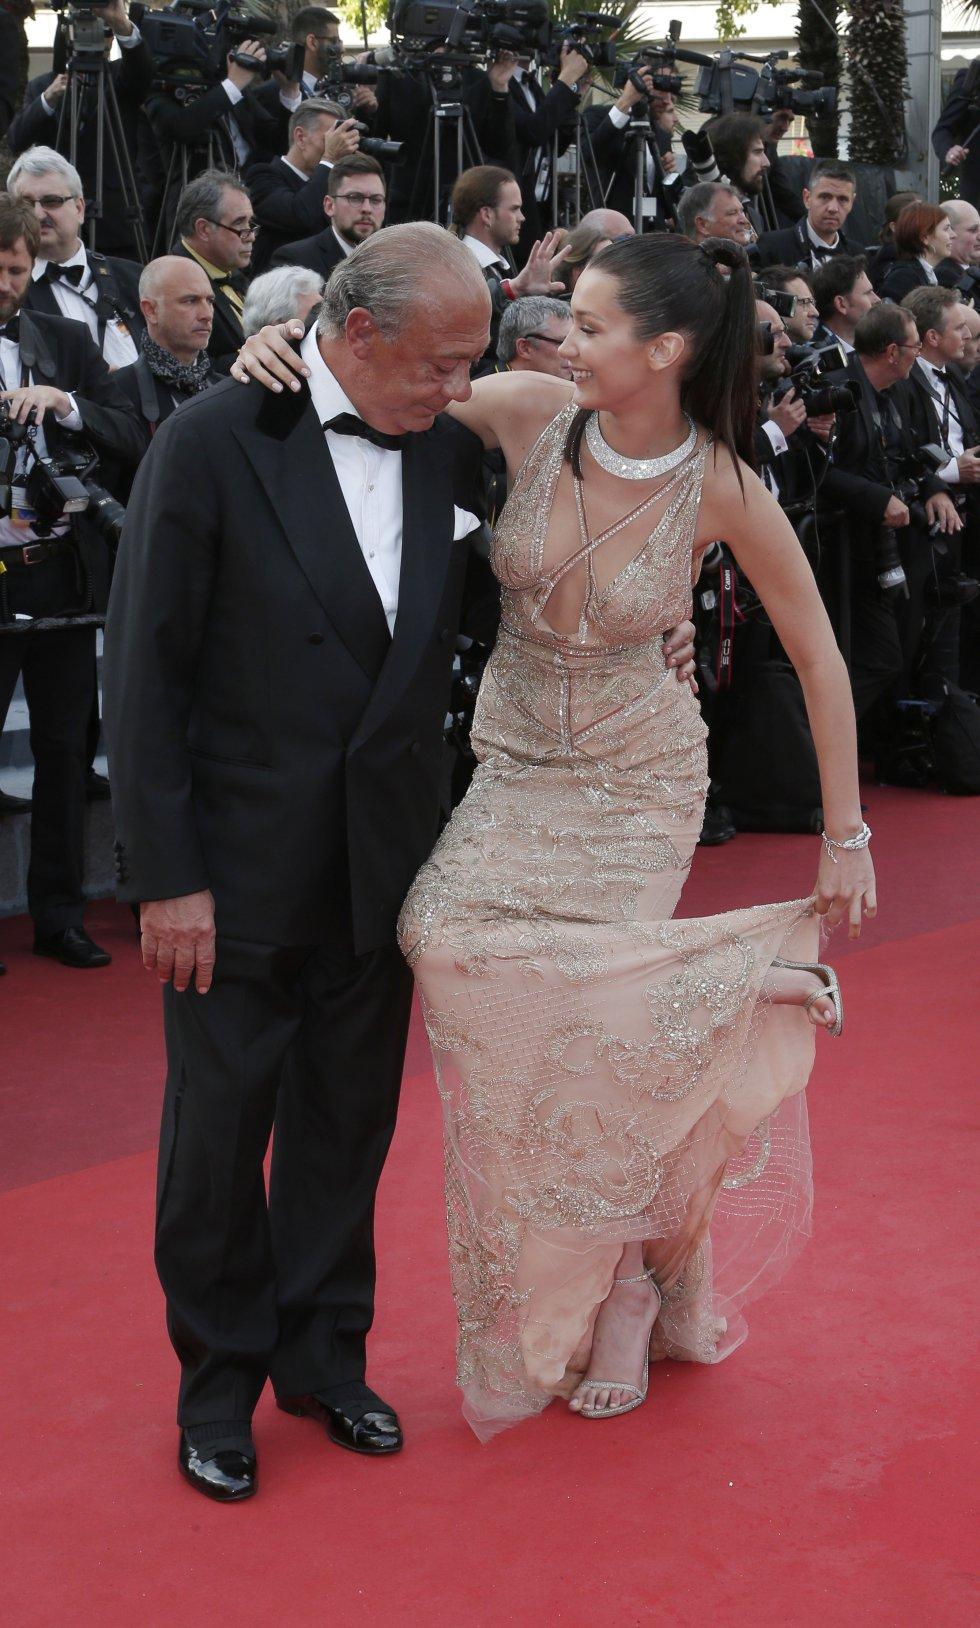 El fundador de De Grisogono, Fawaz Gruosi junto a la modelo Bella Hadid.